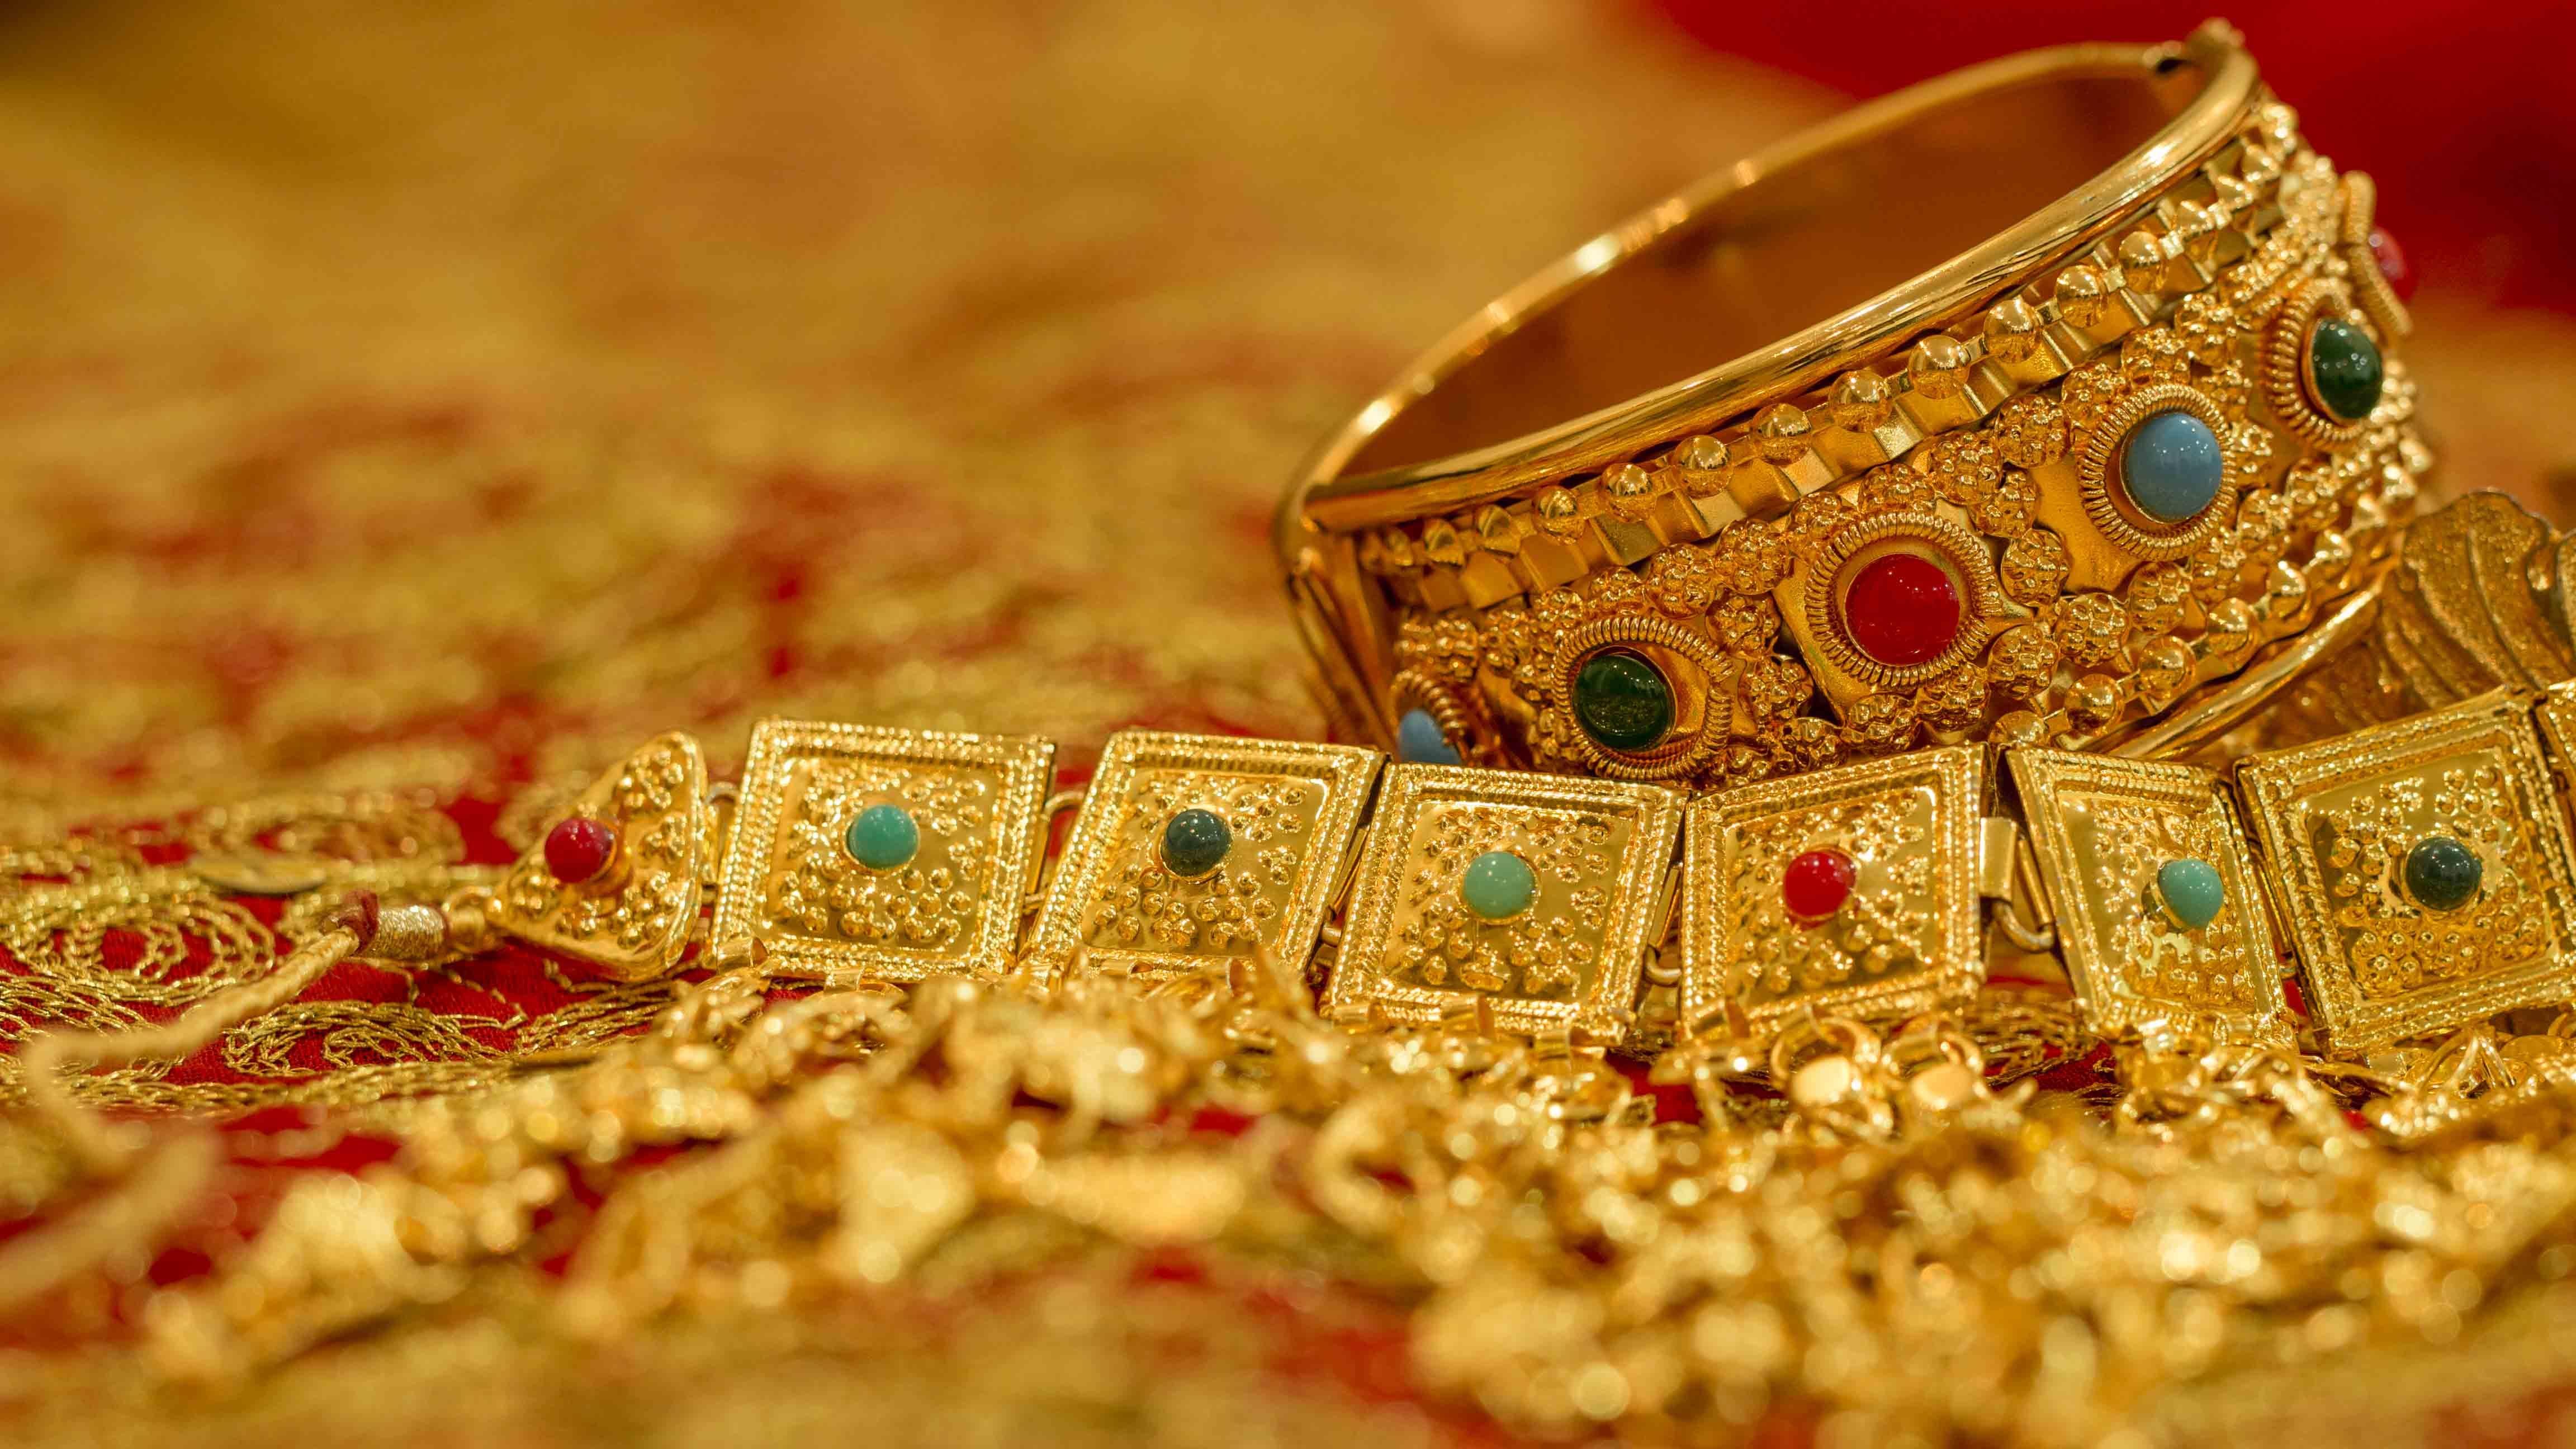 الأسباب - ارتفاع اسعار الذهب